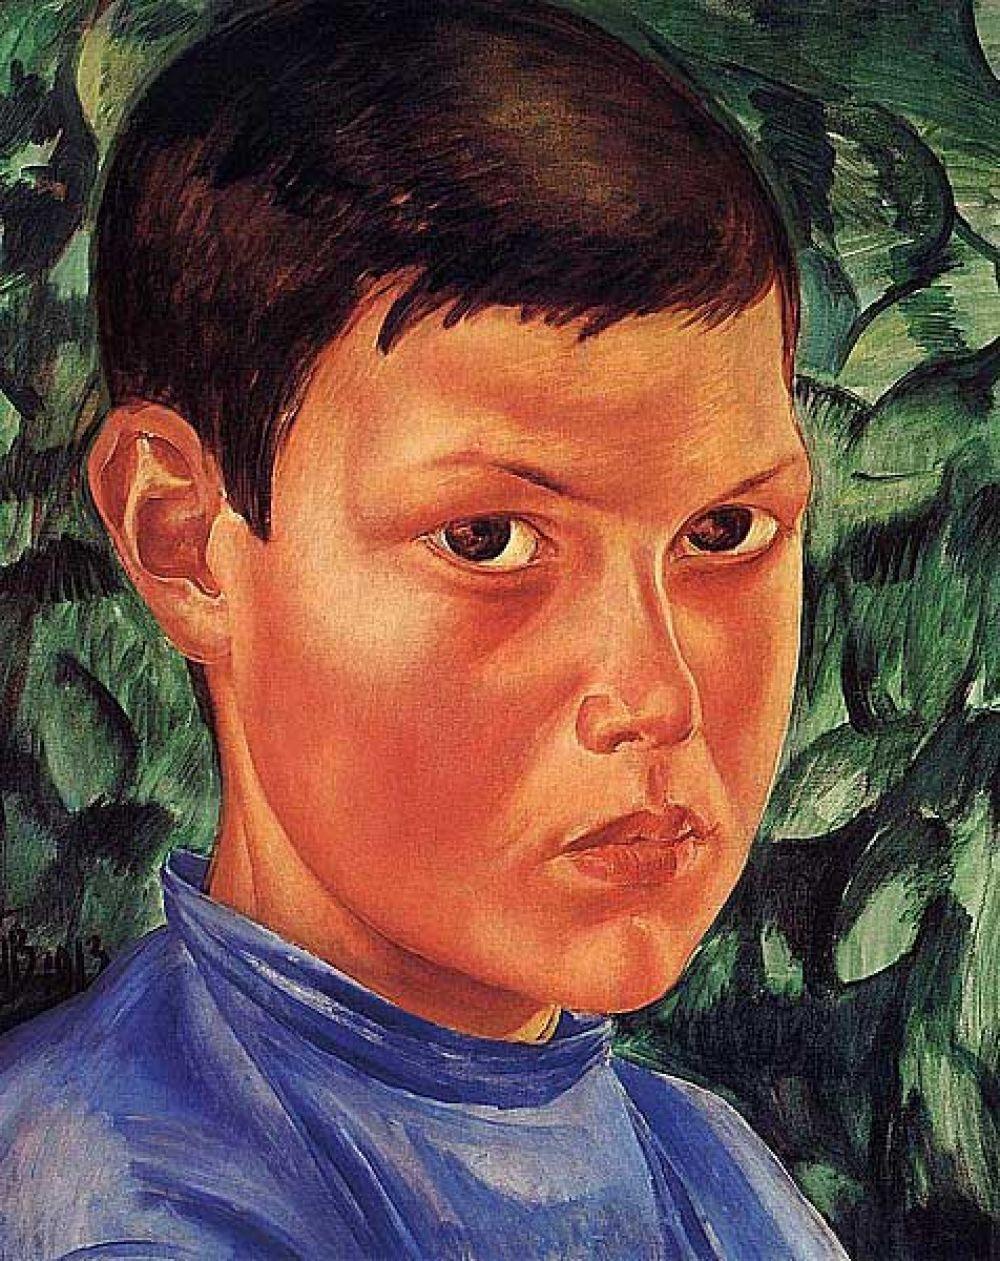 «Портрет мальчика», 1913 год. Искусствоведы считают, что глубина мальчишечьих карих глаз говорит о доброте подростка. Он готов принять всё, что его ожидает в будущем. Он готов к этому. После написания этого шедевра Петров-Водкин не раз еще изобразит на своих полотнах милых ласковых детишек от мала до велика.